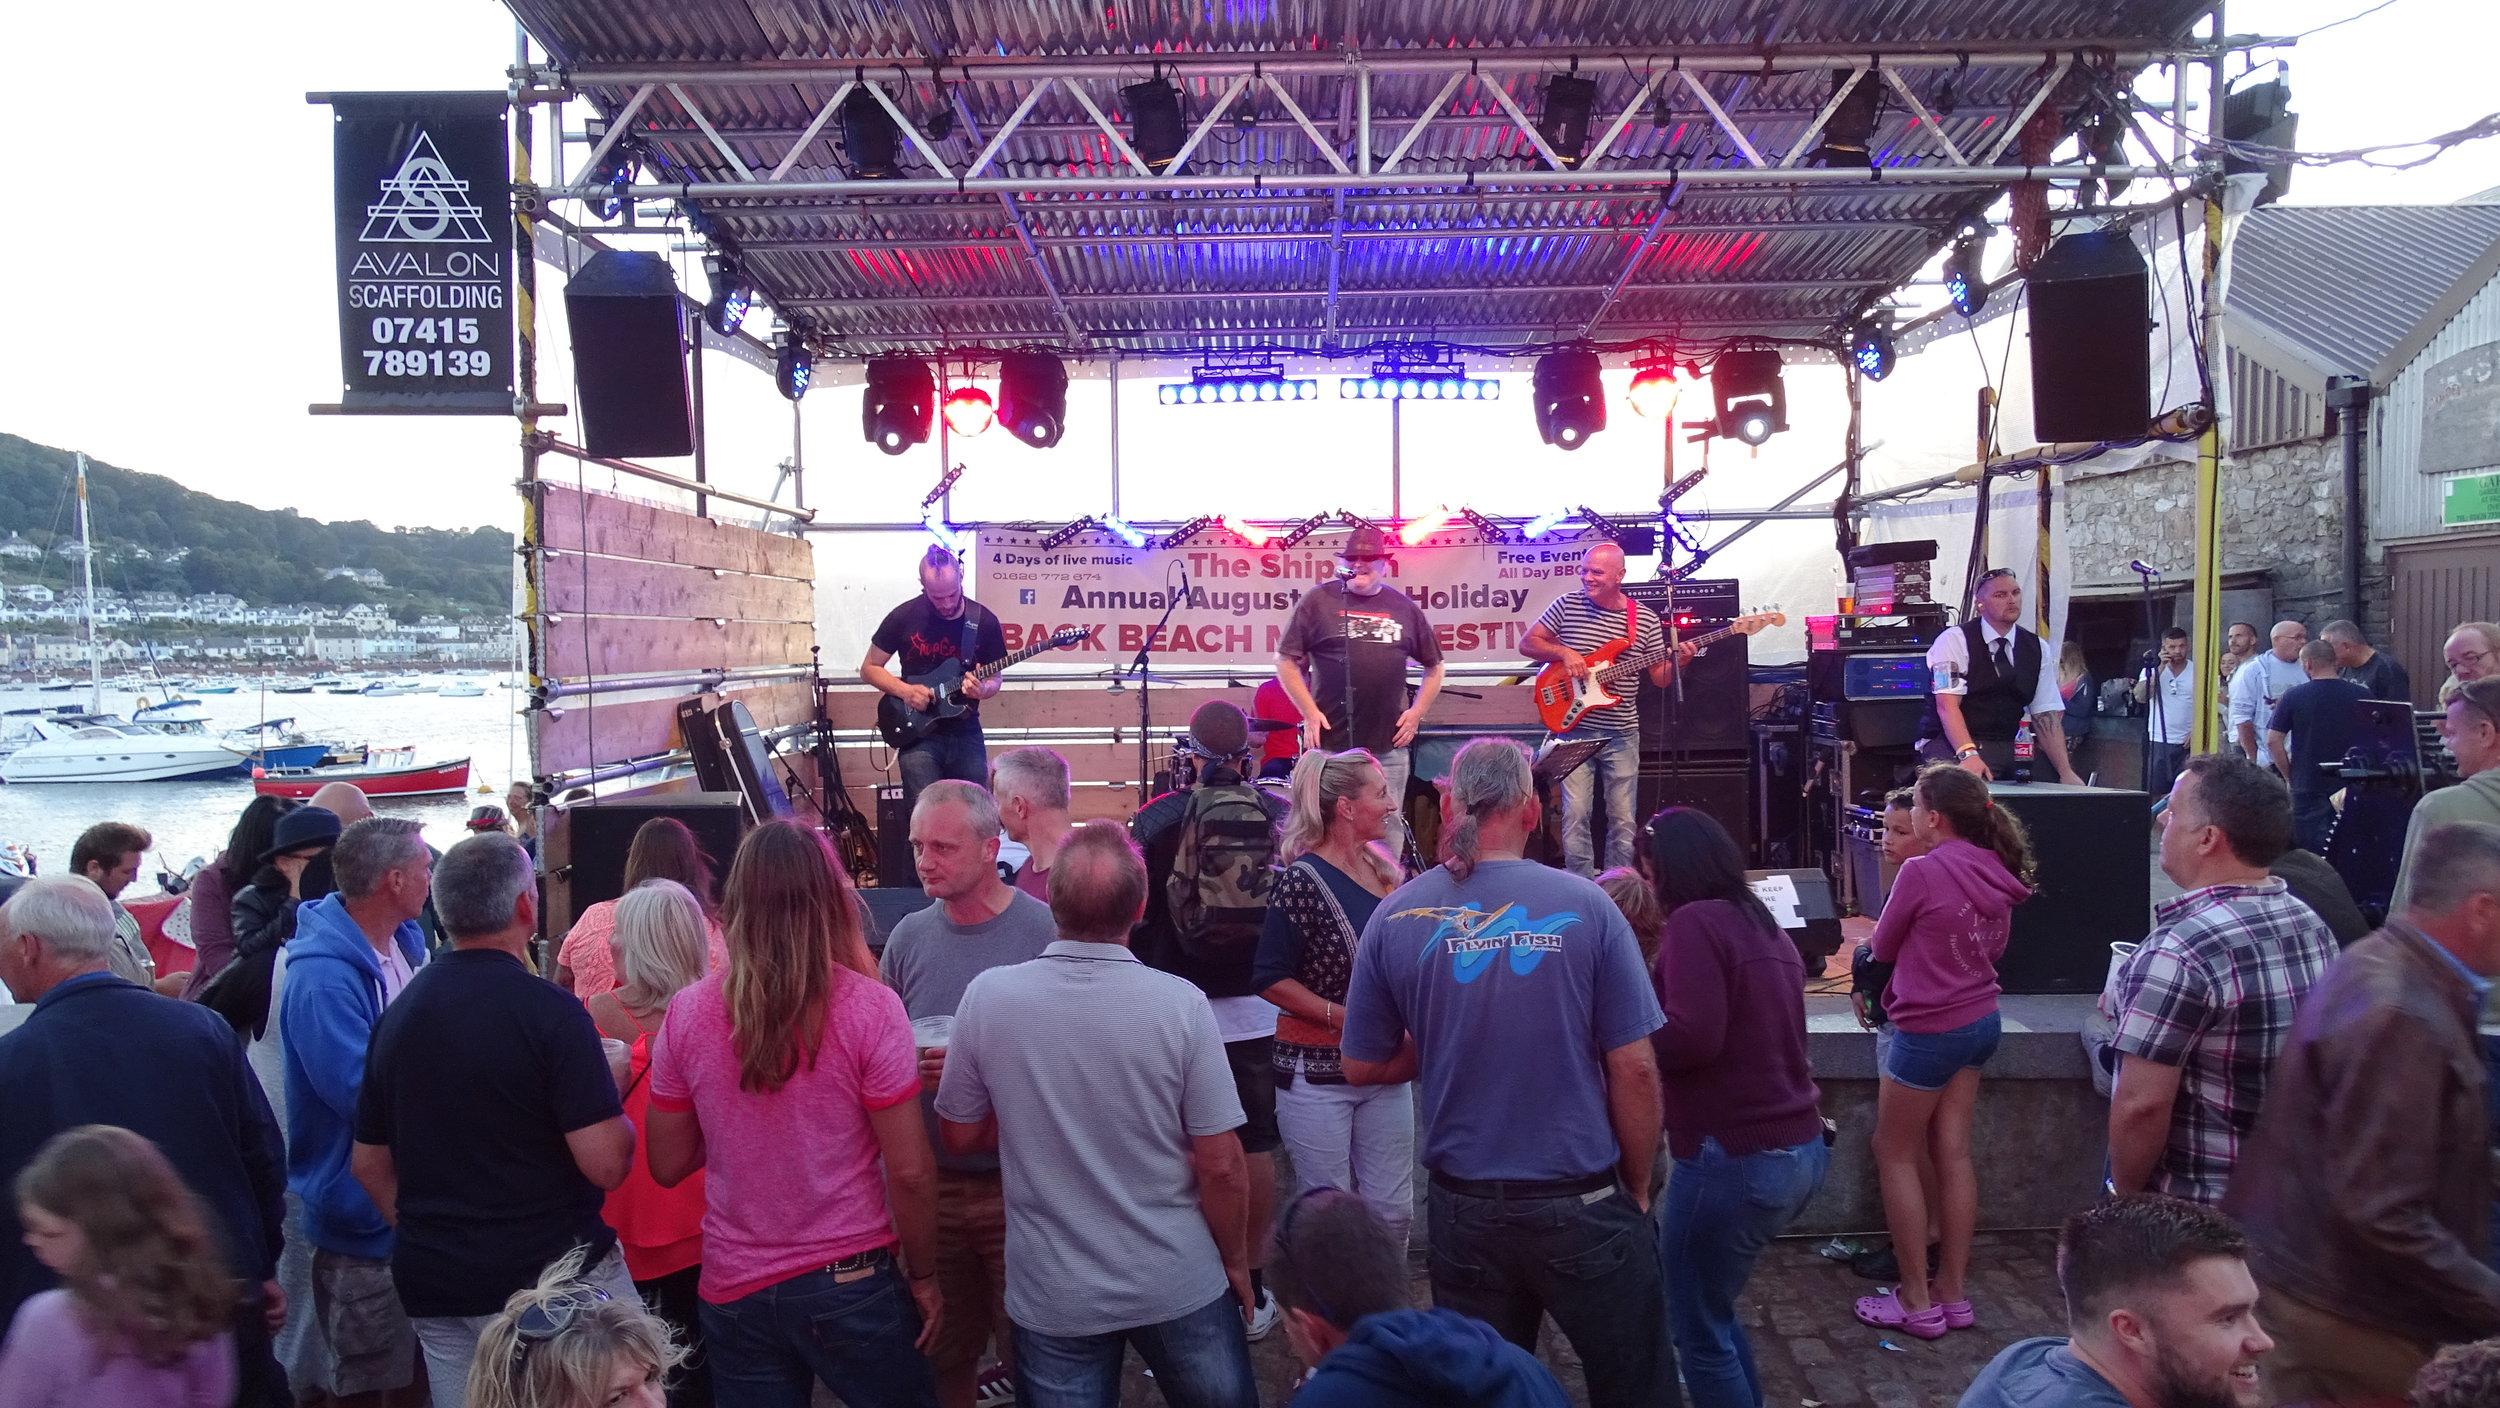 The ship inn music festival p2 009.JPG